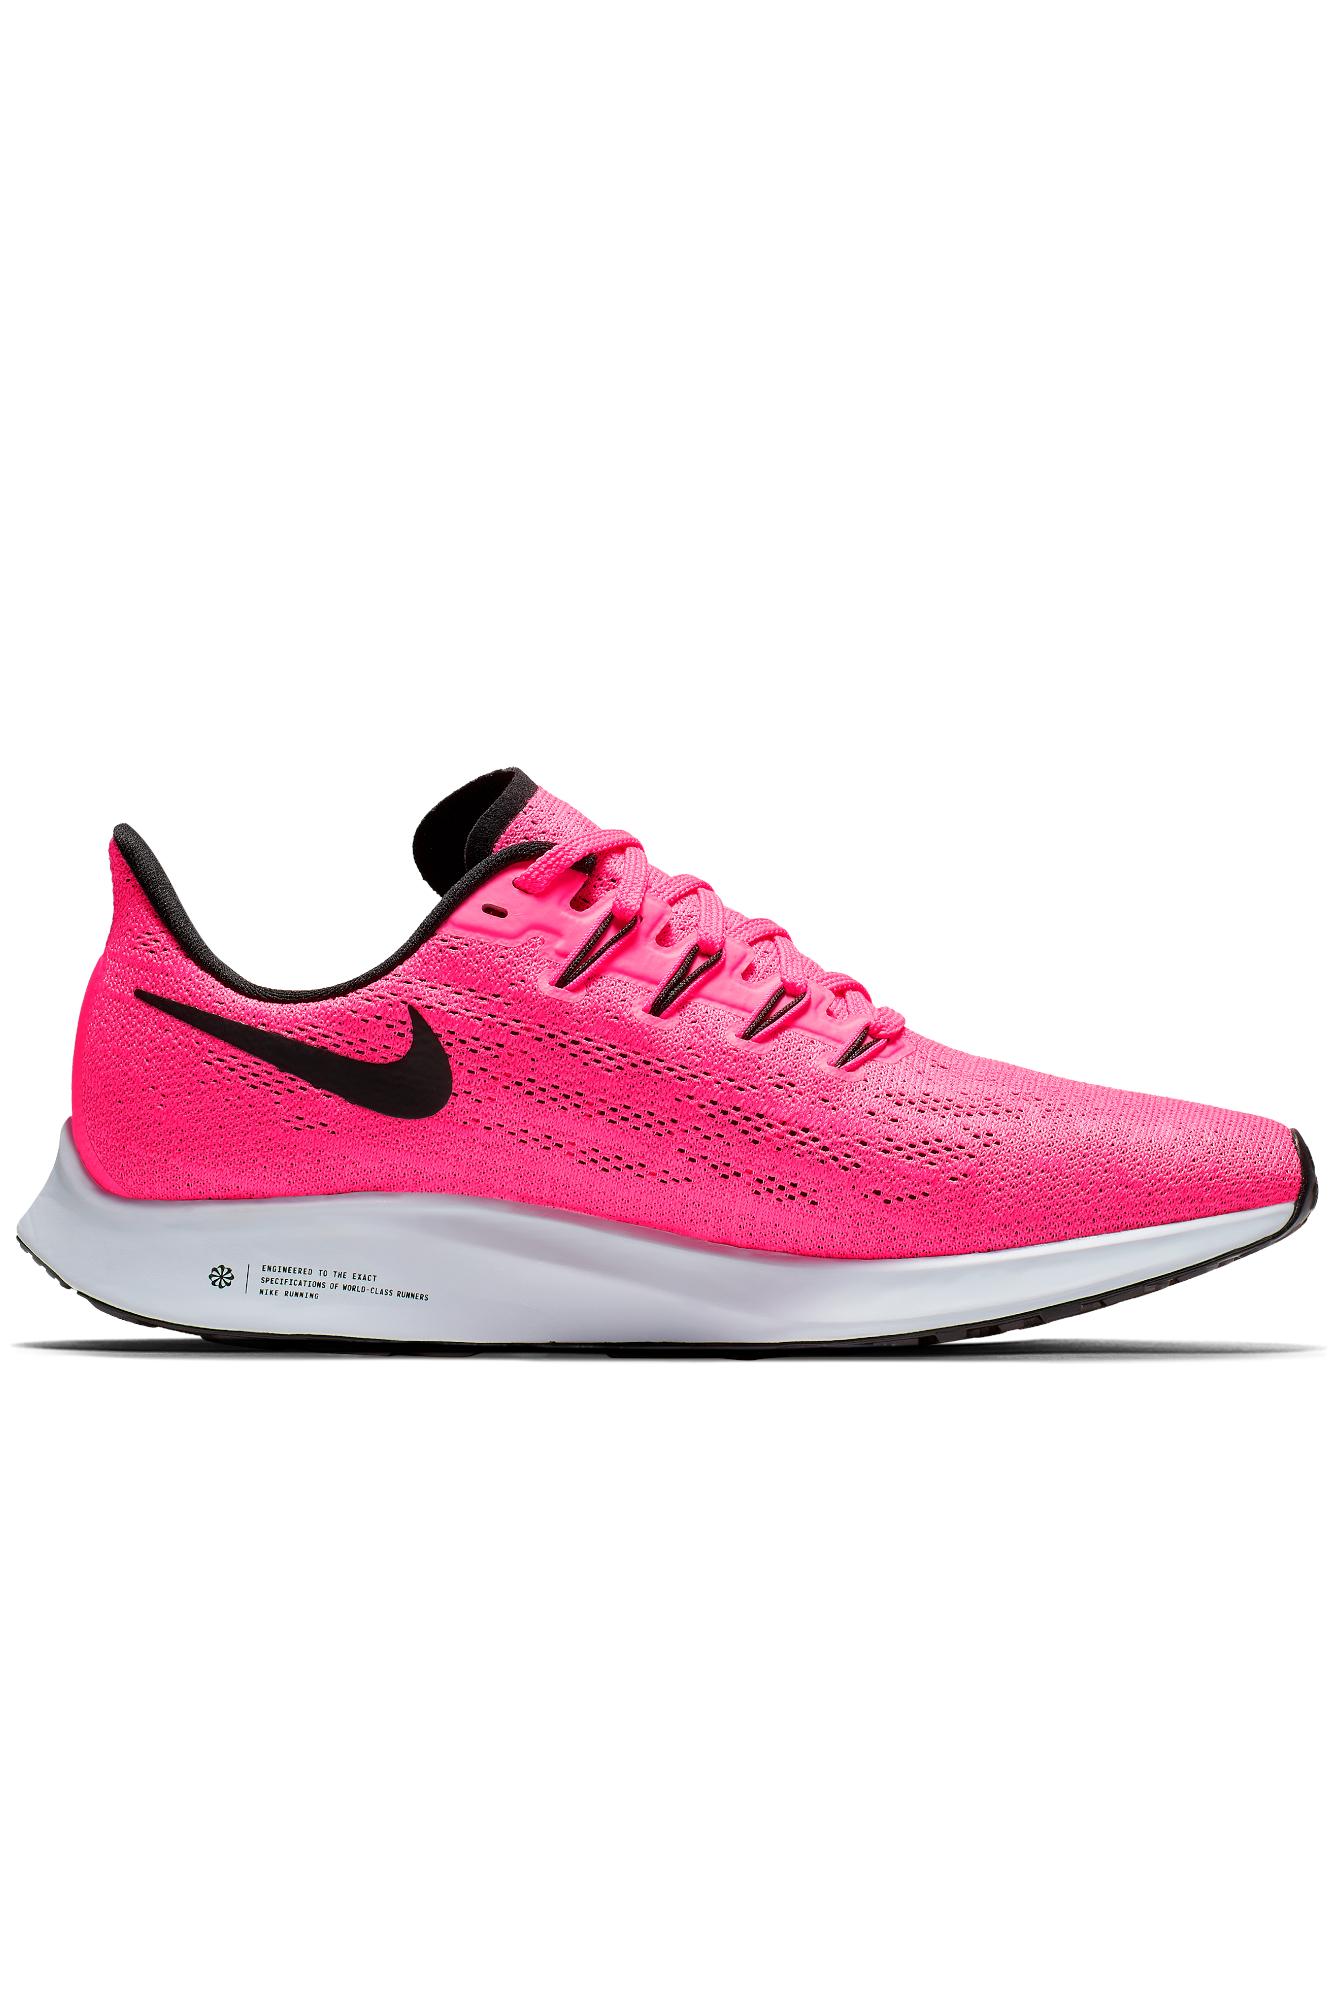 Kup Buty Do Biegania Nike Dzieci | Buty Nike Outlet Polska